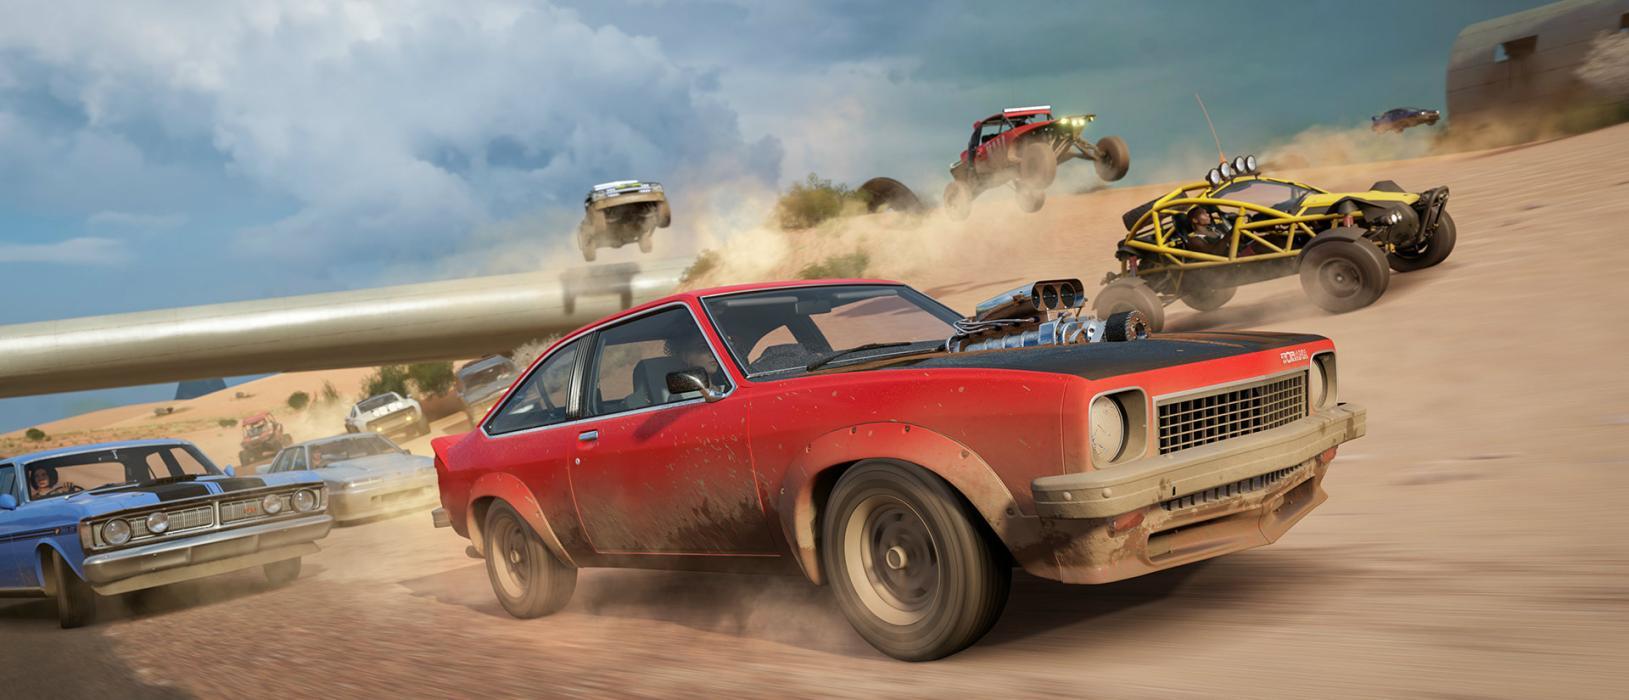 Los mejores juegos de carreras de 2016